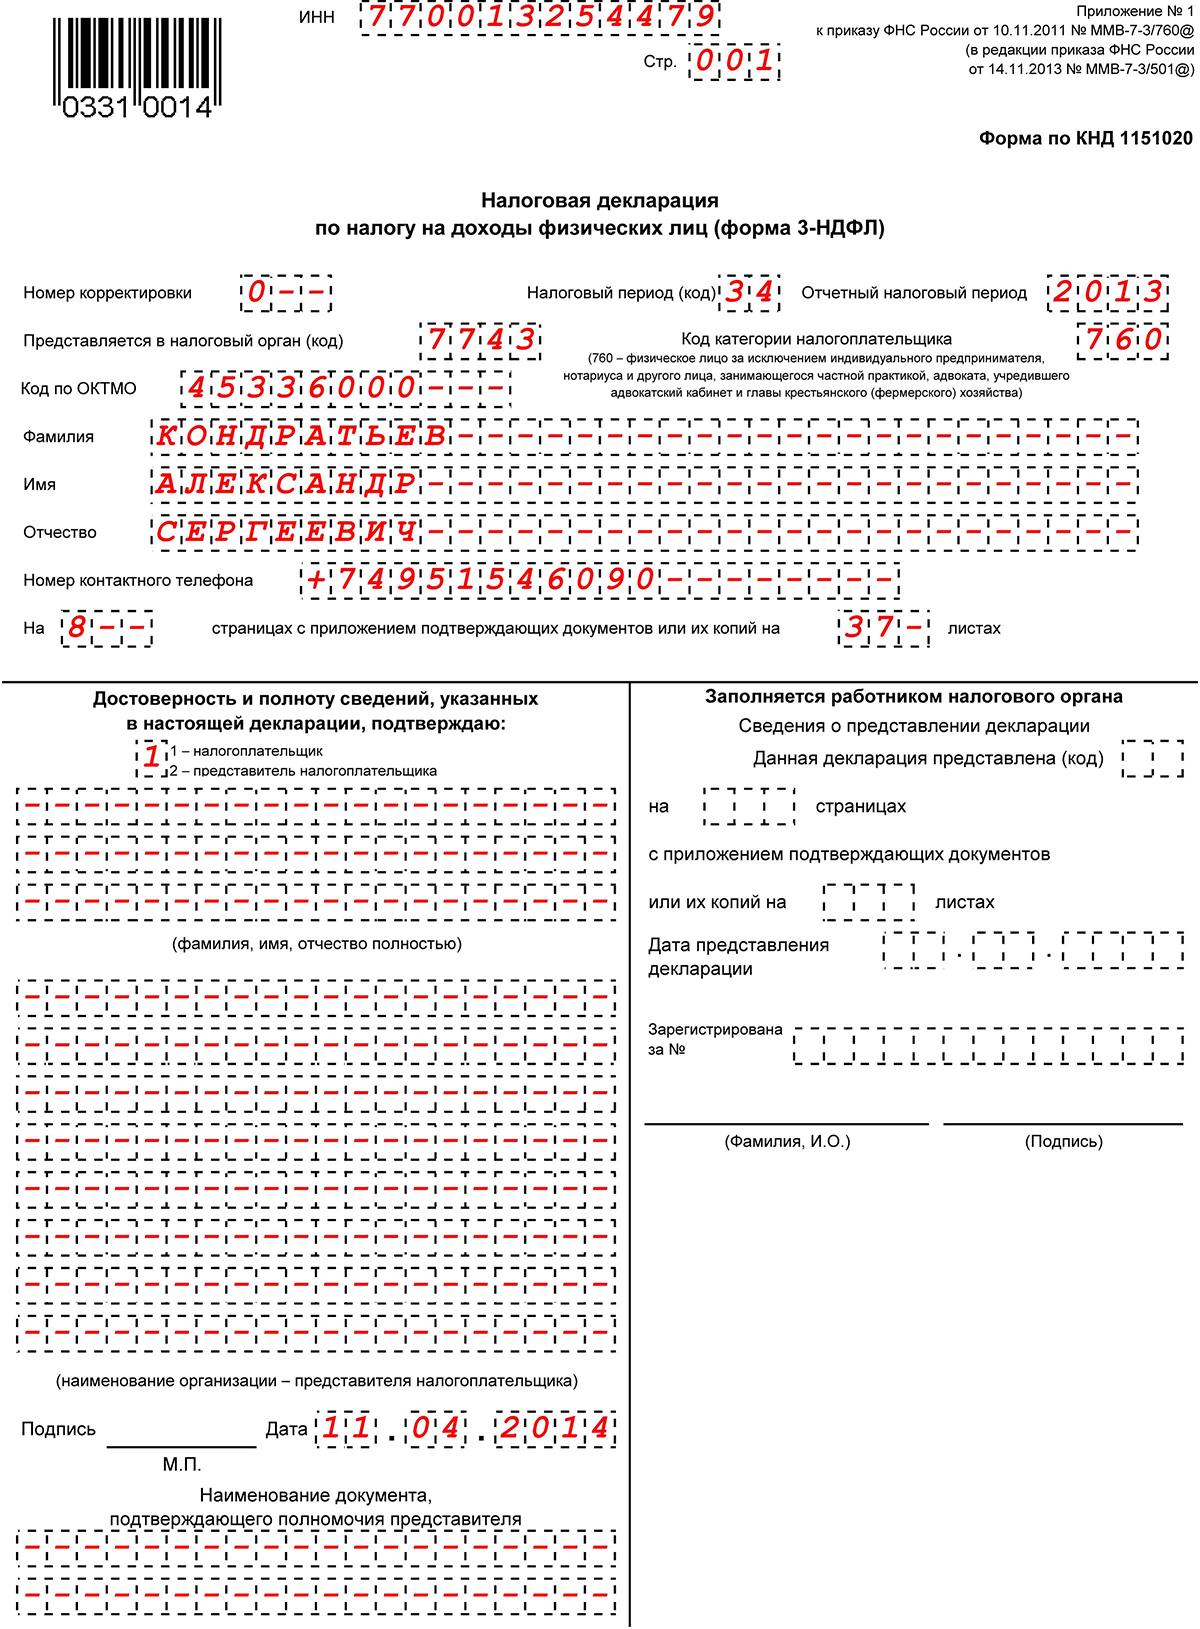 инструкция по заполнению формы 7 нк статистика